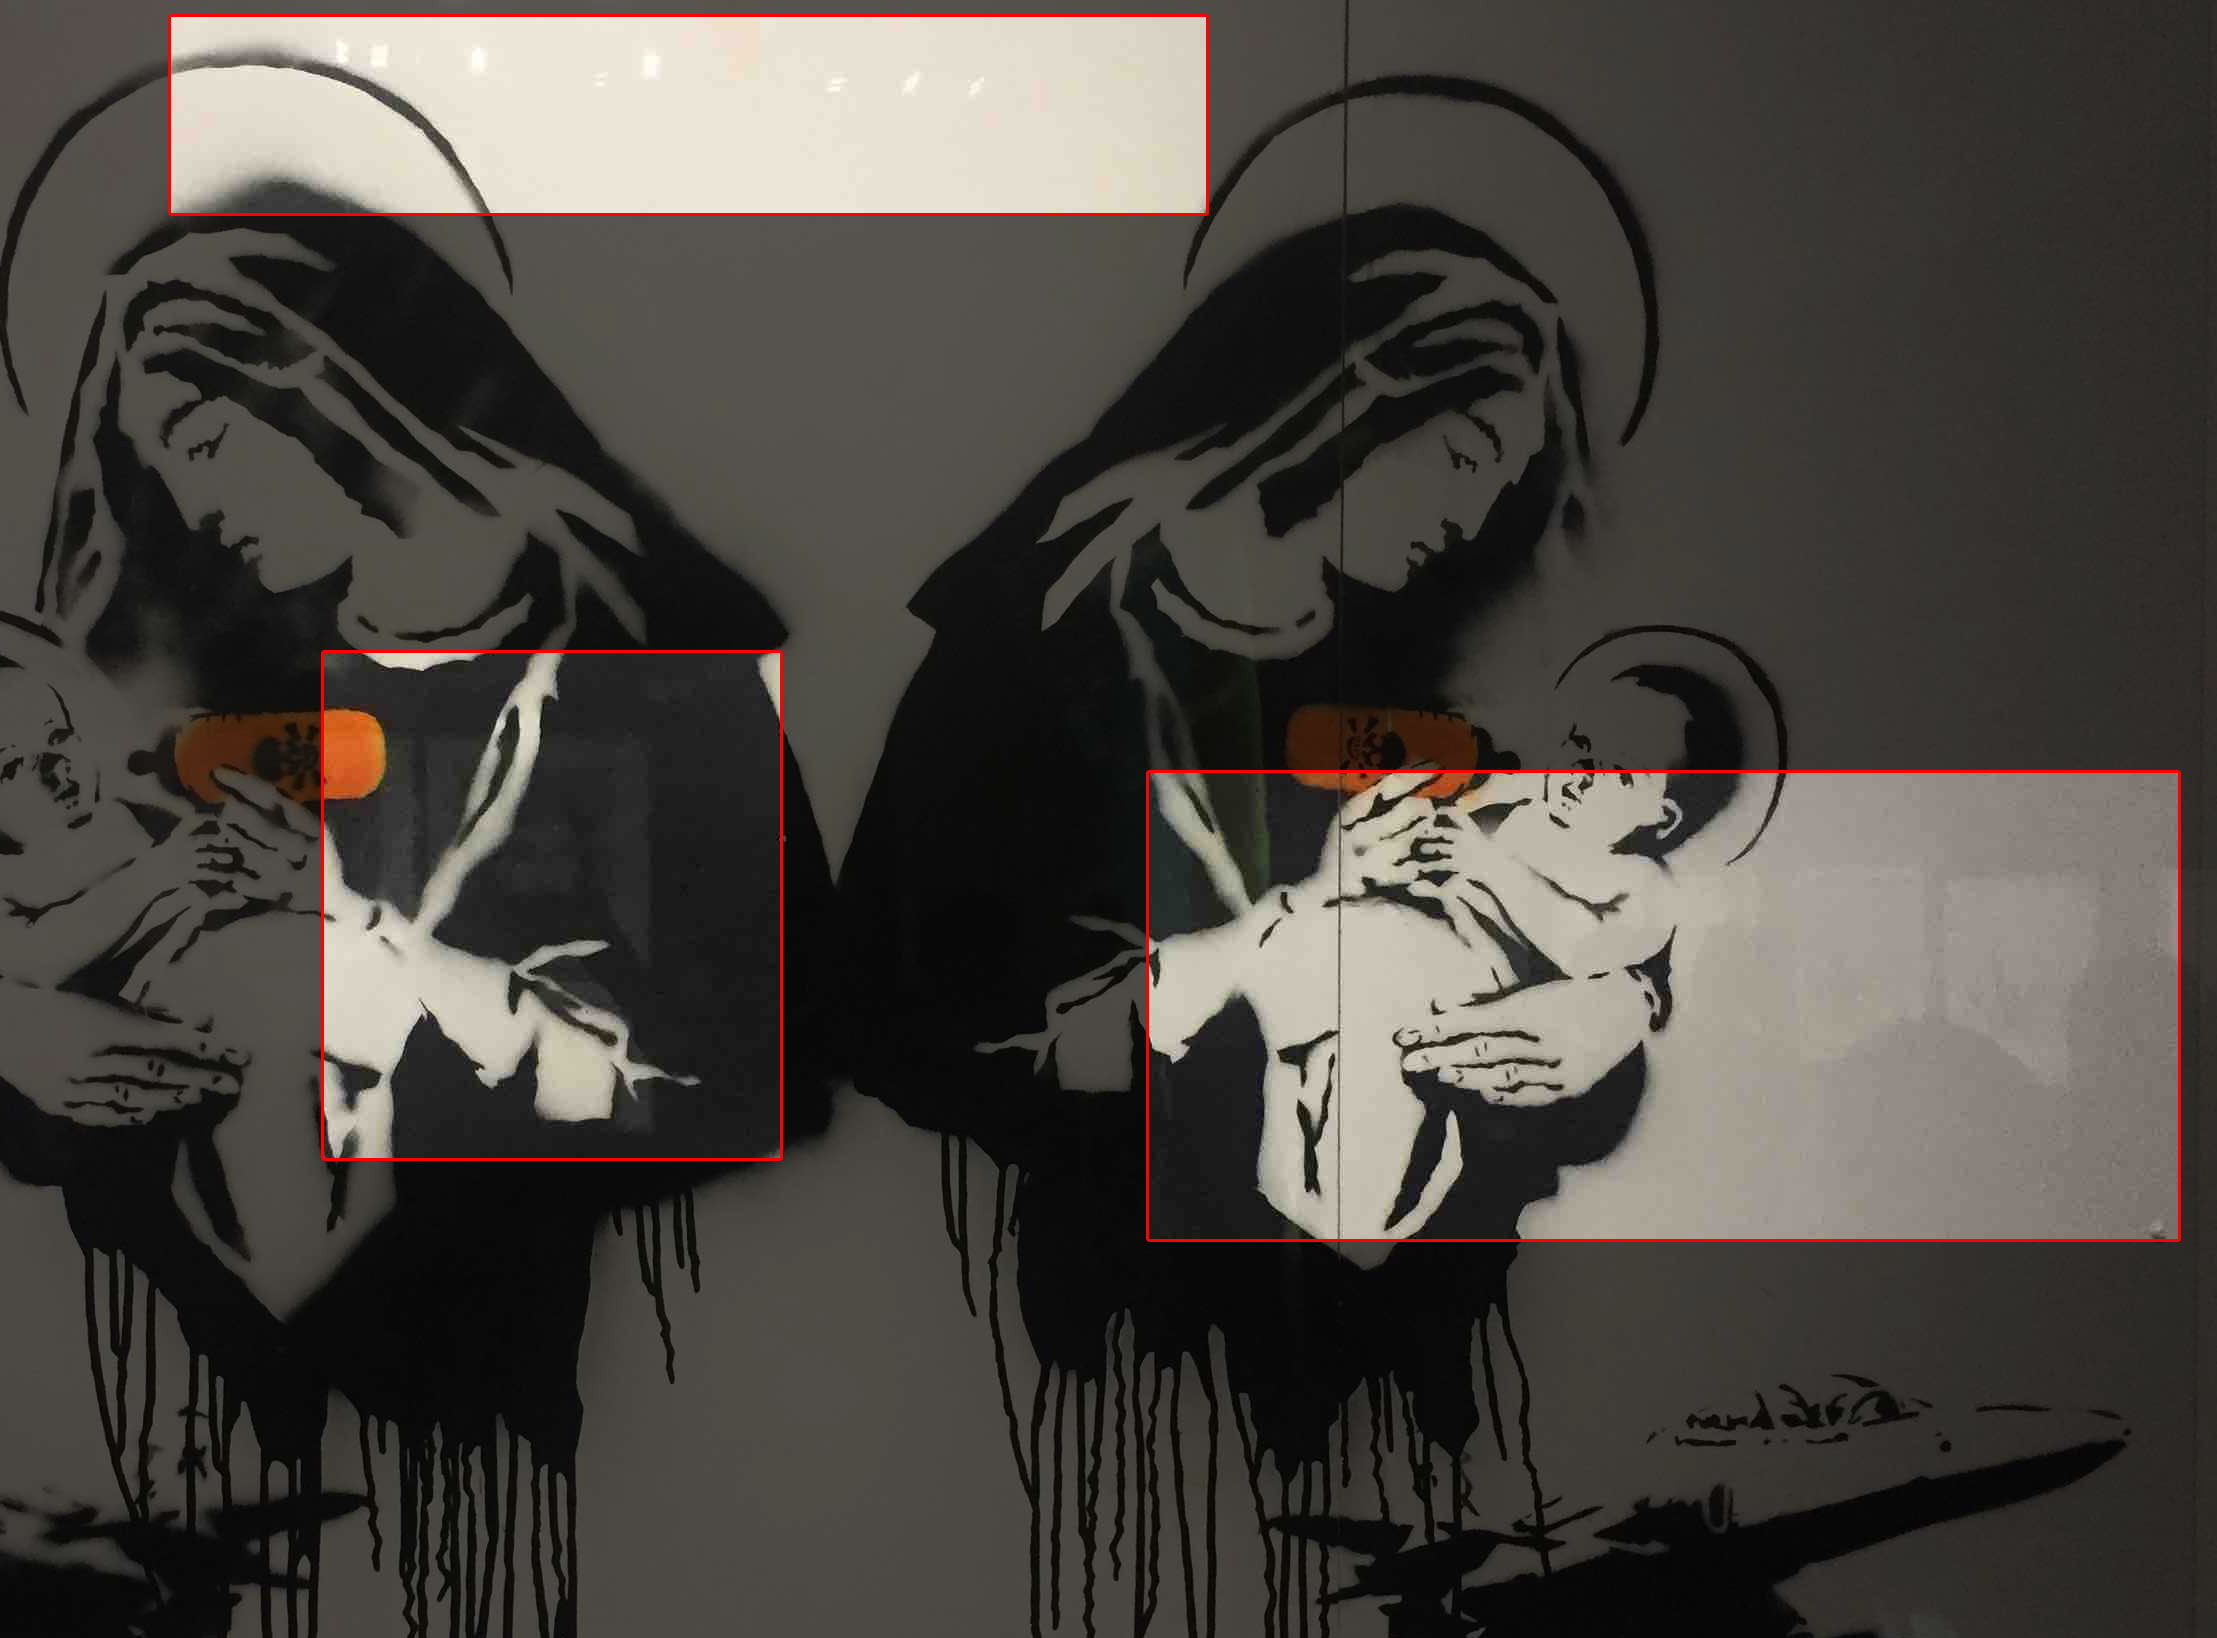 La scoperta di quattro opere di Banksy in Sardegna era una bufala (a fin di bene) foto 1